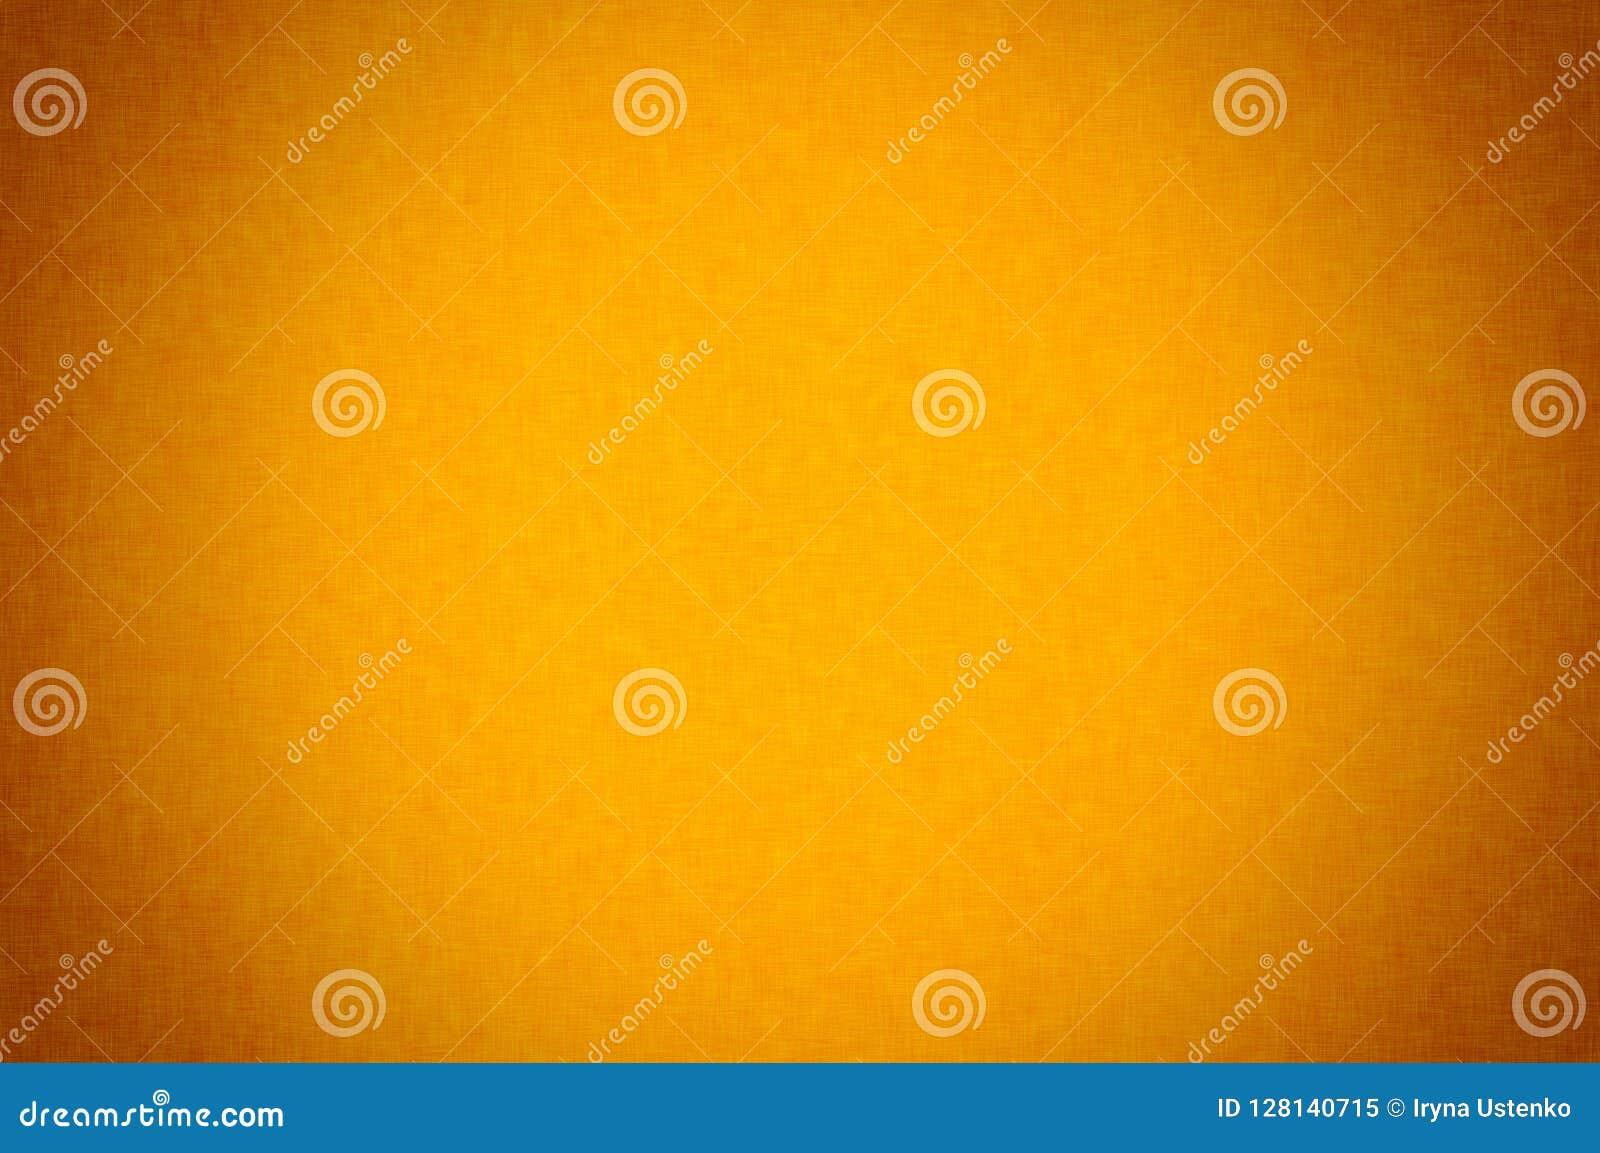 Оранжевая черная текстура хеллоуин предпосылки ткани ткани Конец-вверх материала ткани волокно или ватка, материал макроса